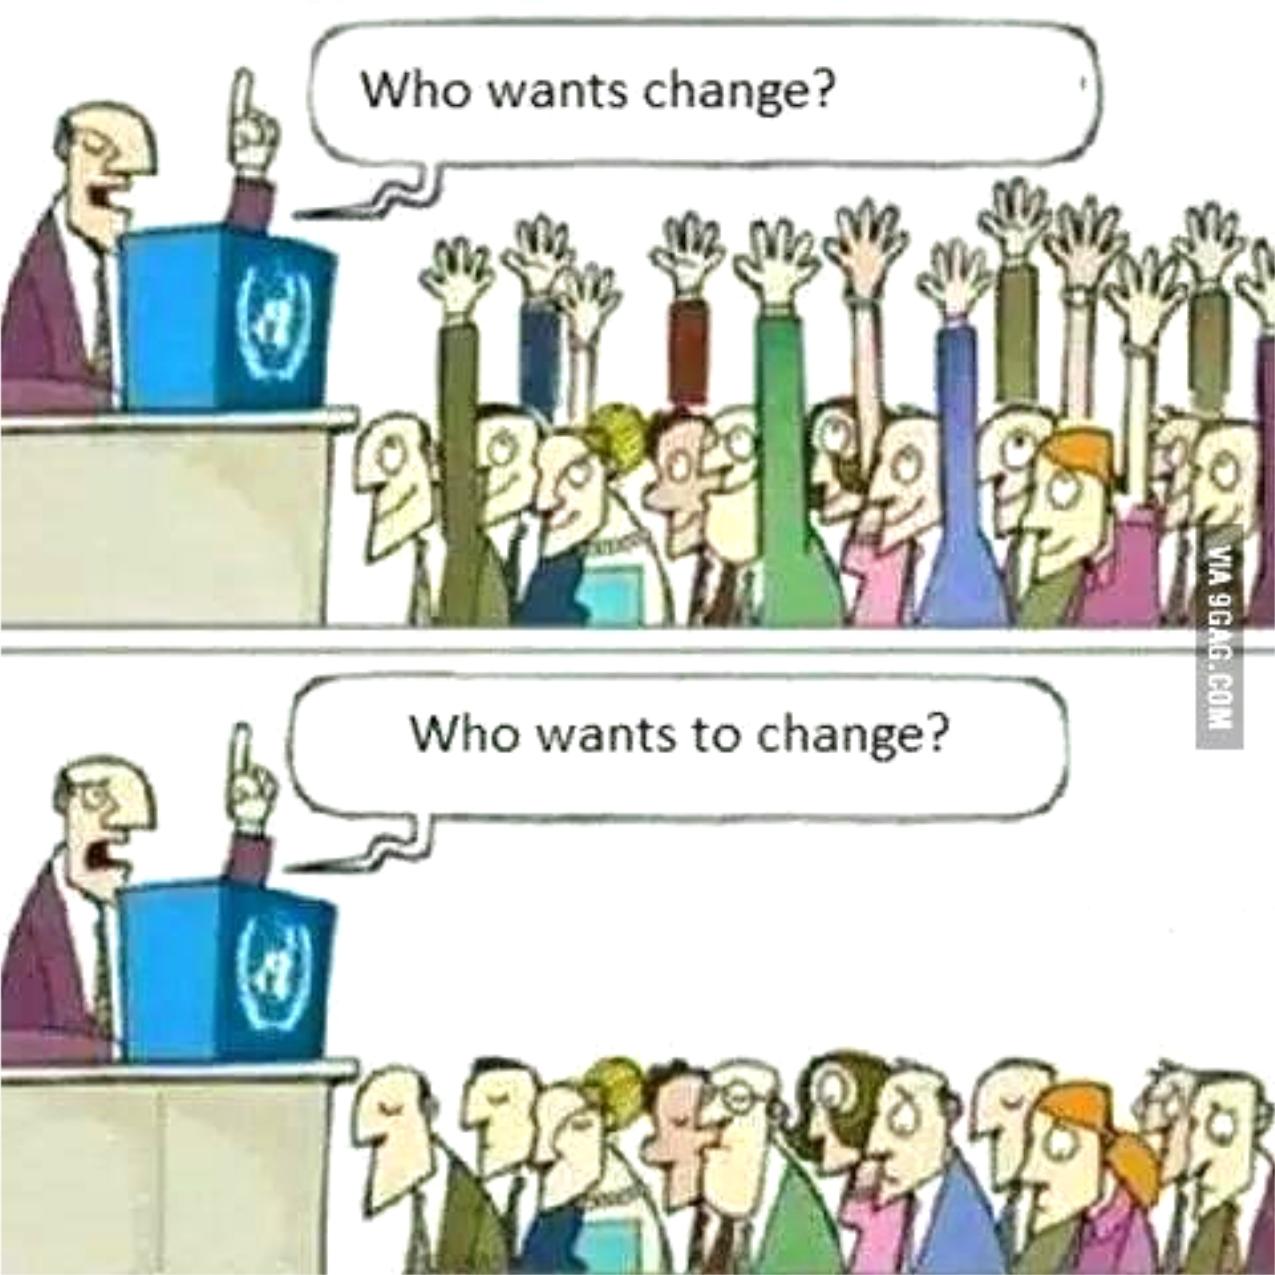 Neue Wege wagen, innovation, kreativität, change, Wandel, neues